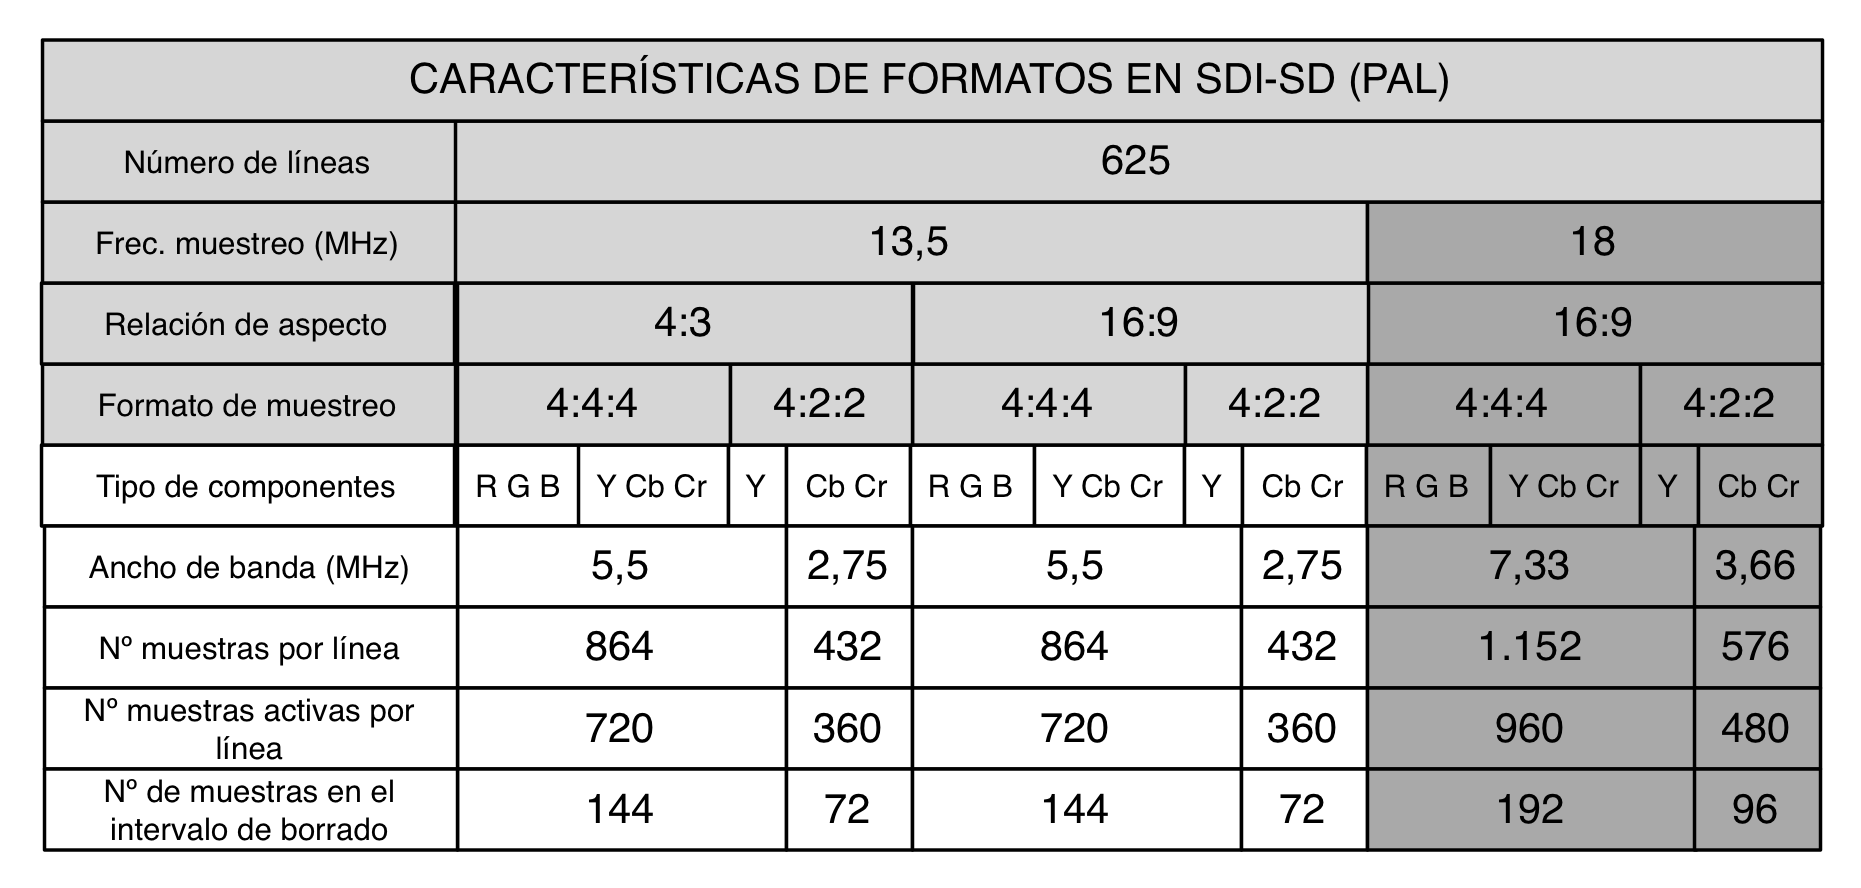 CARACTERÍSTICAS DE FORMATOS EN SDI-SD (PAL)